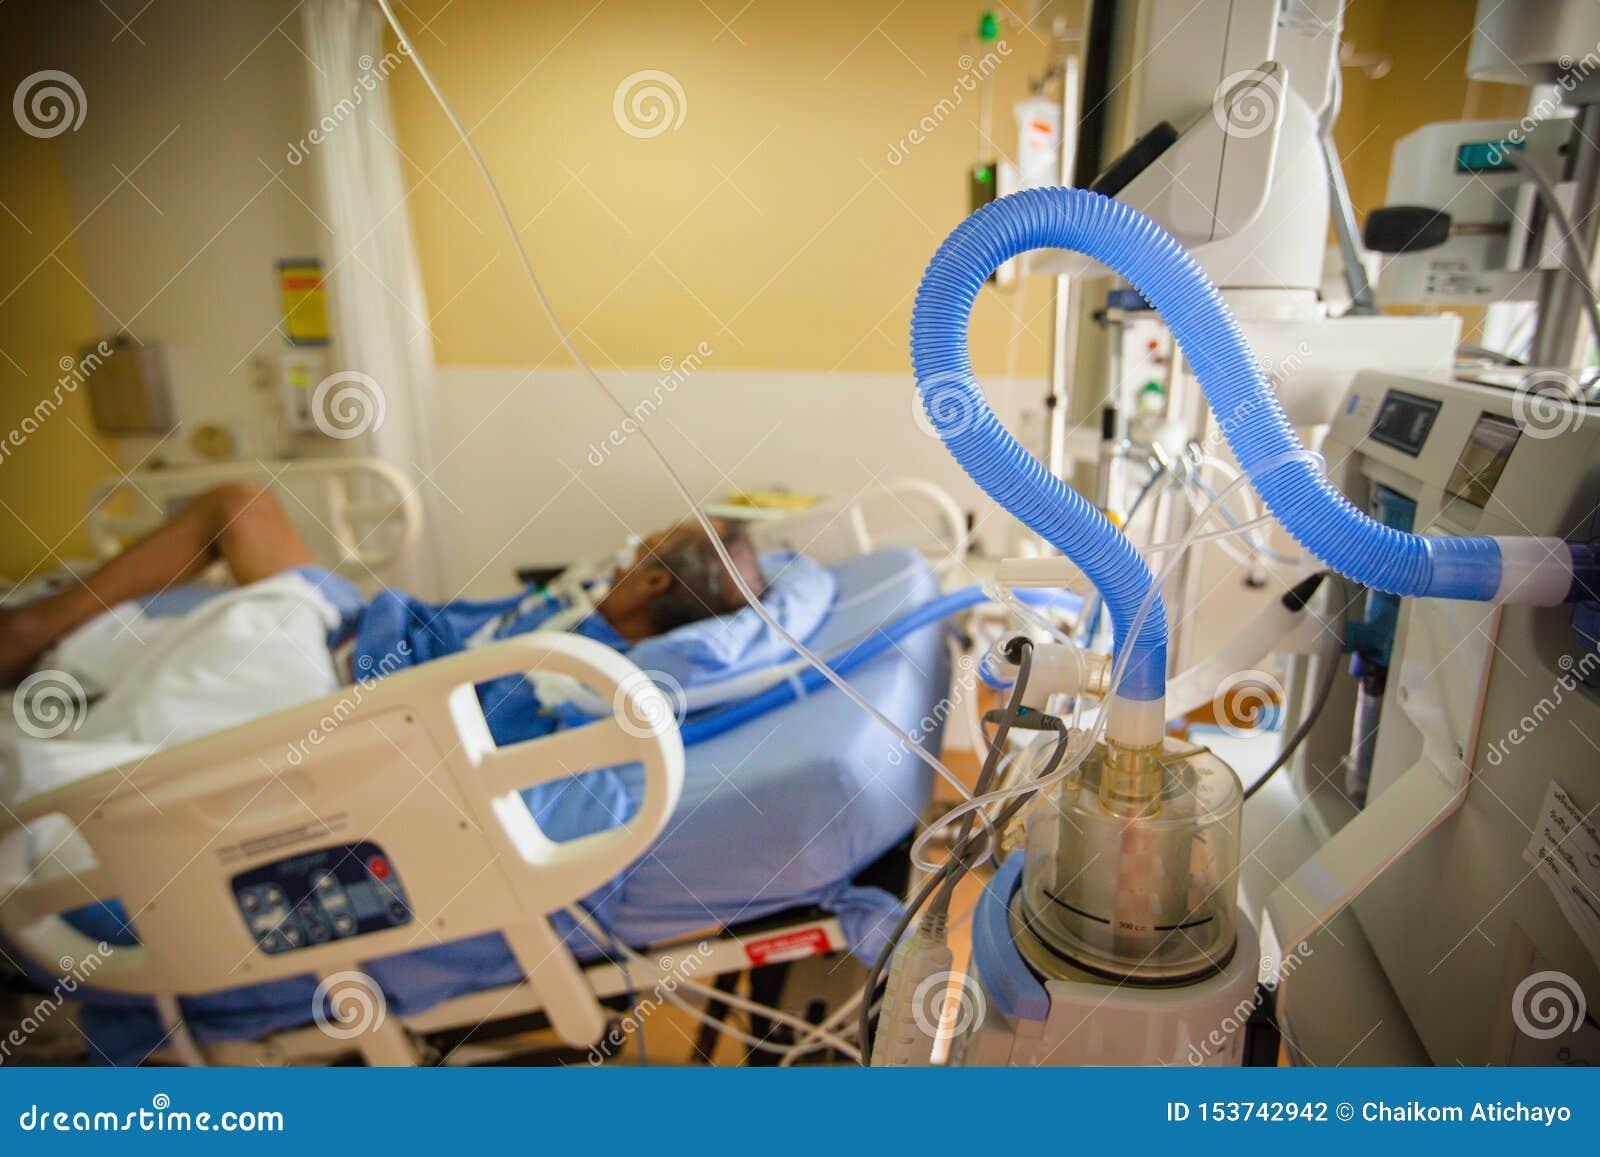 Unidade da ventilação do pulmão artificial